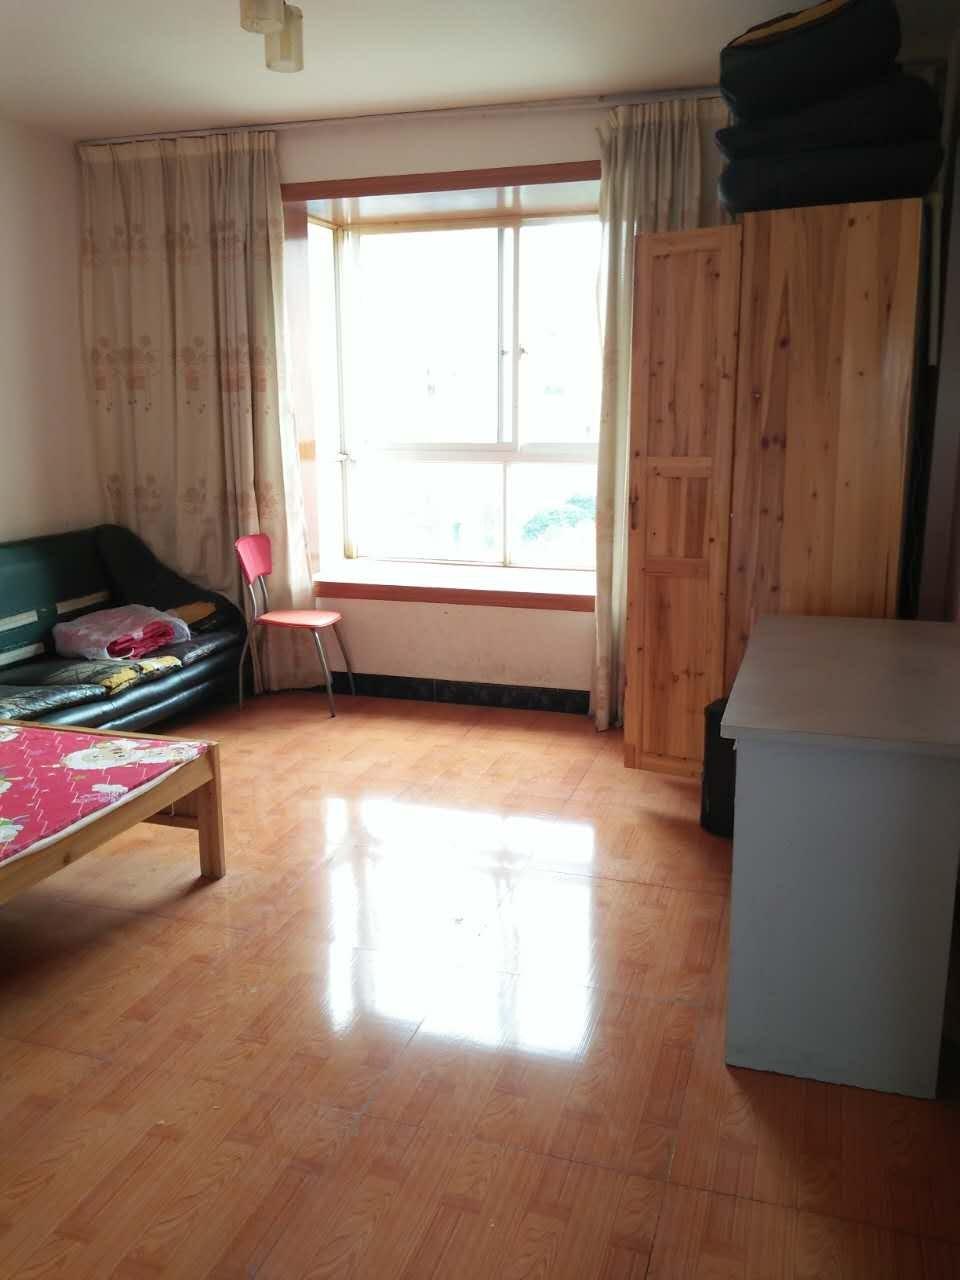 丽阳天下好房降价急租,中装三房,房屋舒适整洁,看房方便有钥匙丽阳天下